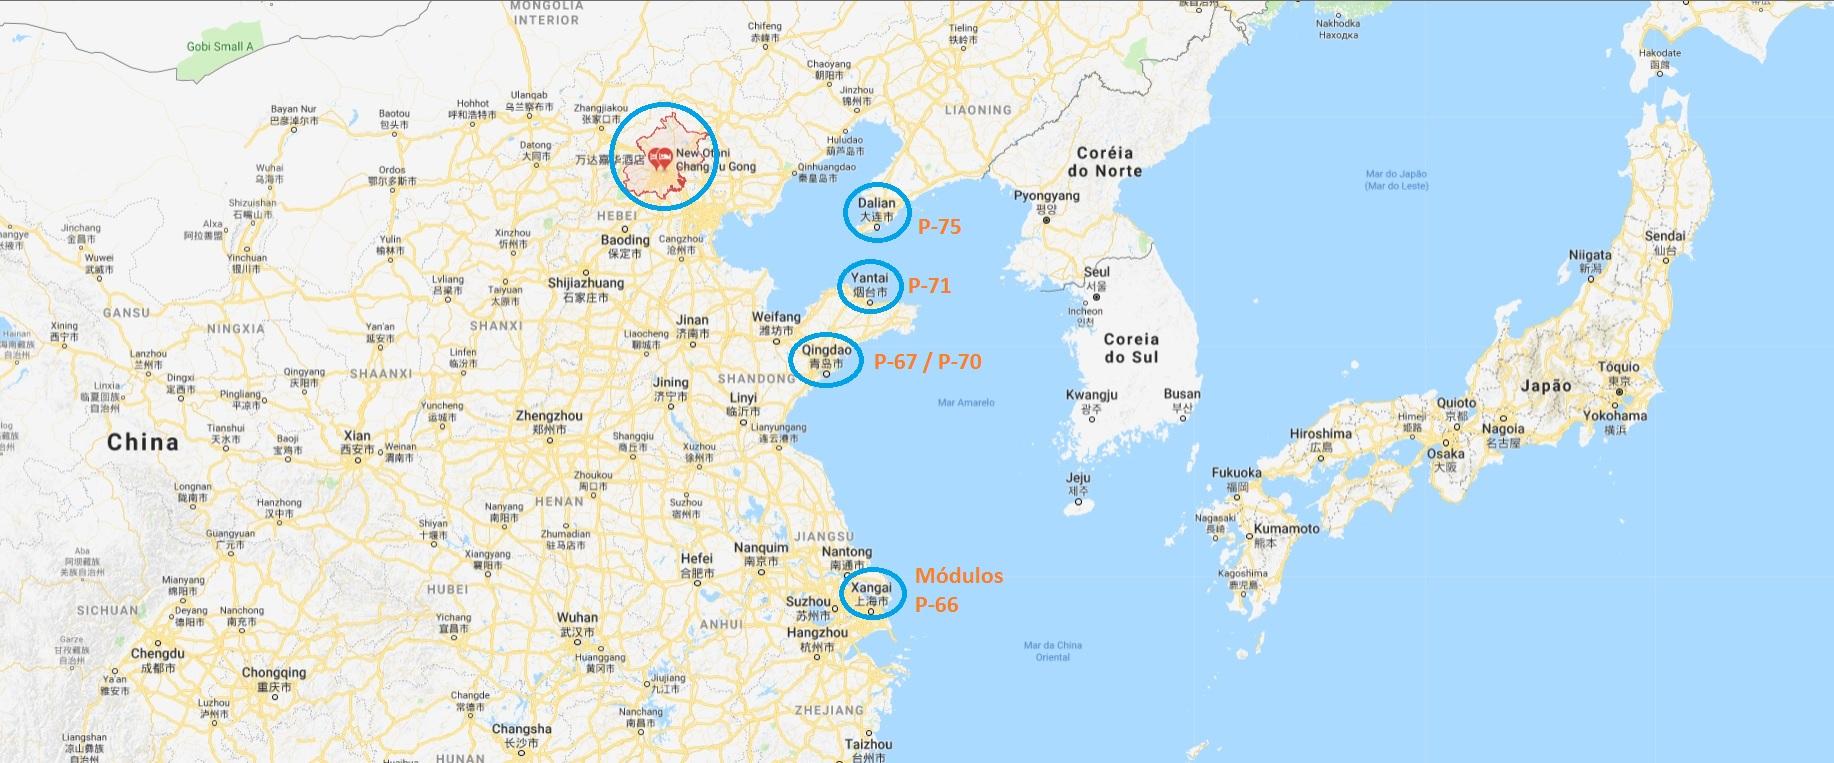 Mapa com os locais onde a Altus atua na China